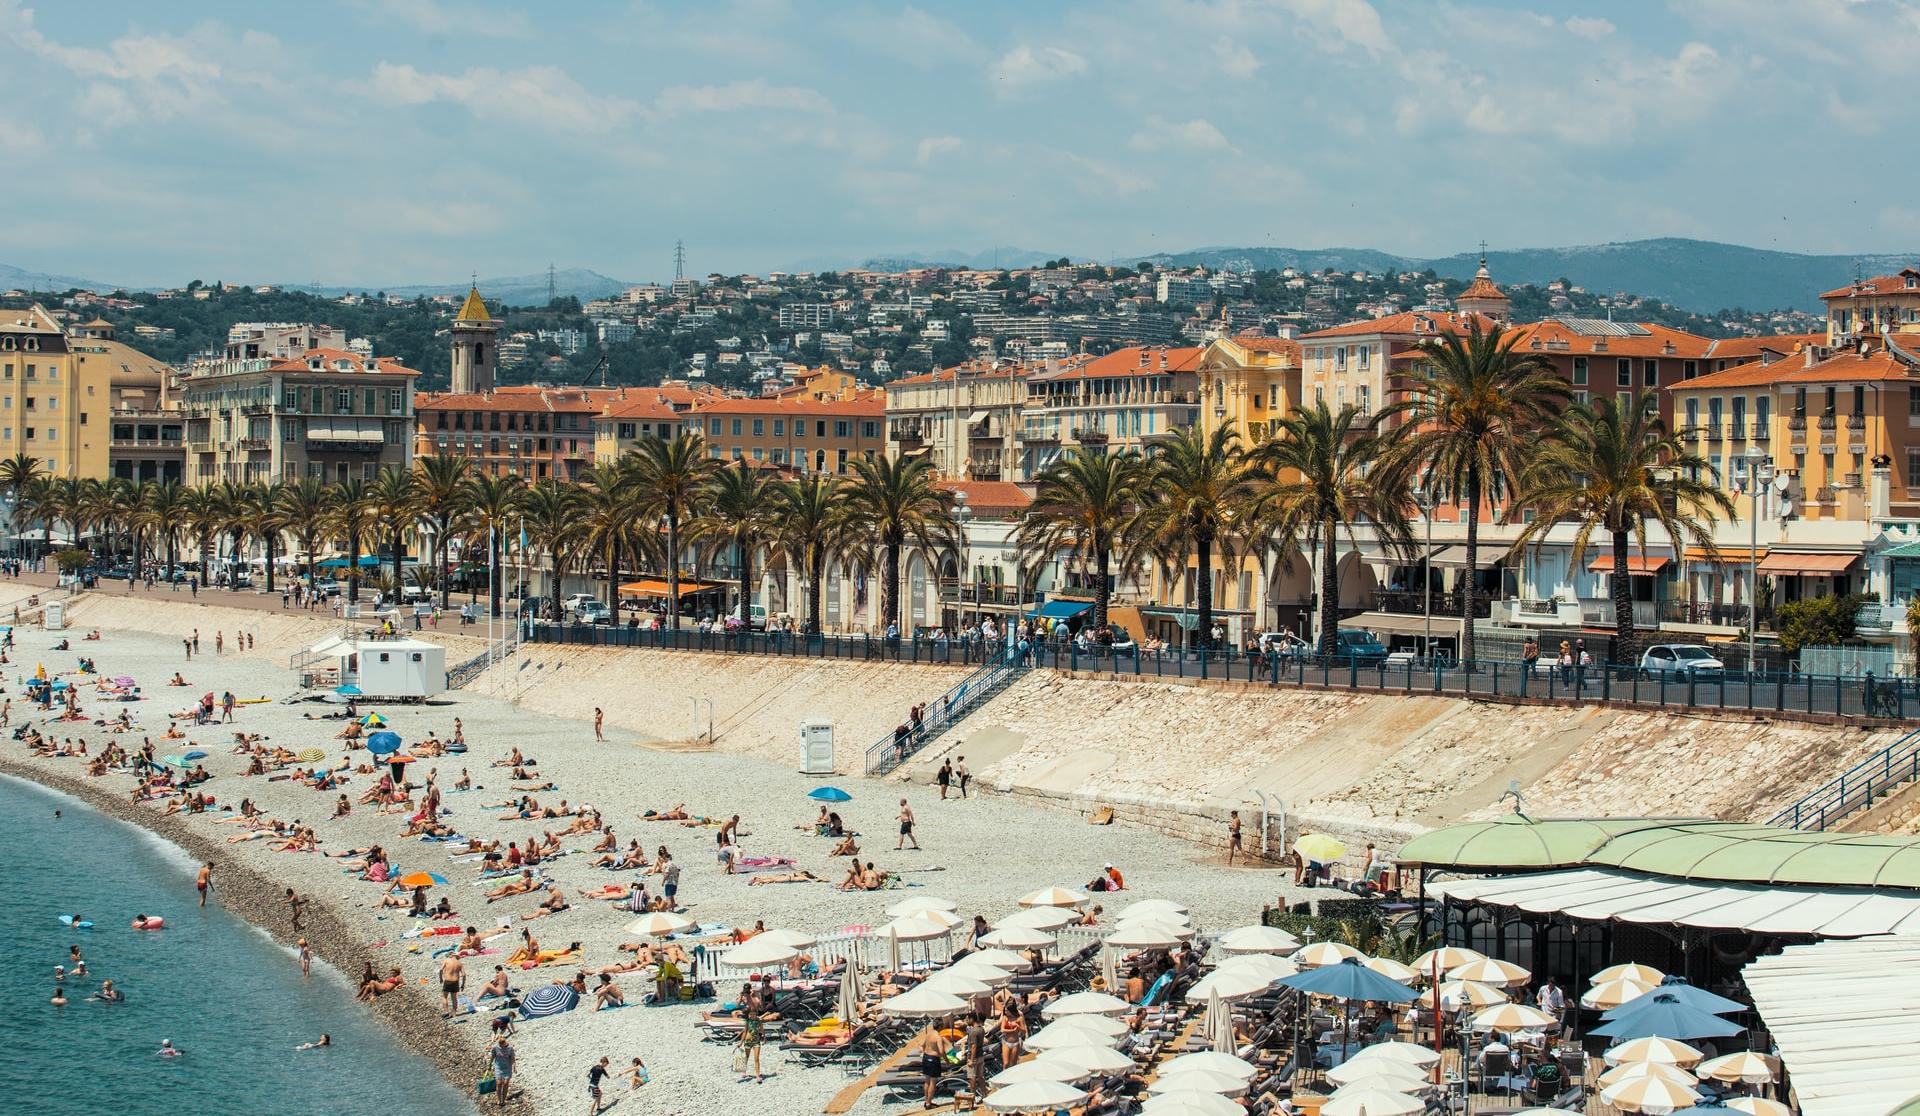 МАУ запускает сезонные рейсы во французскую Ниццу: цены